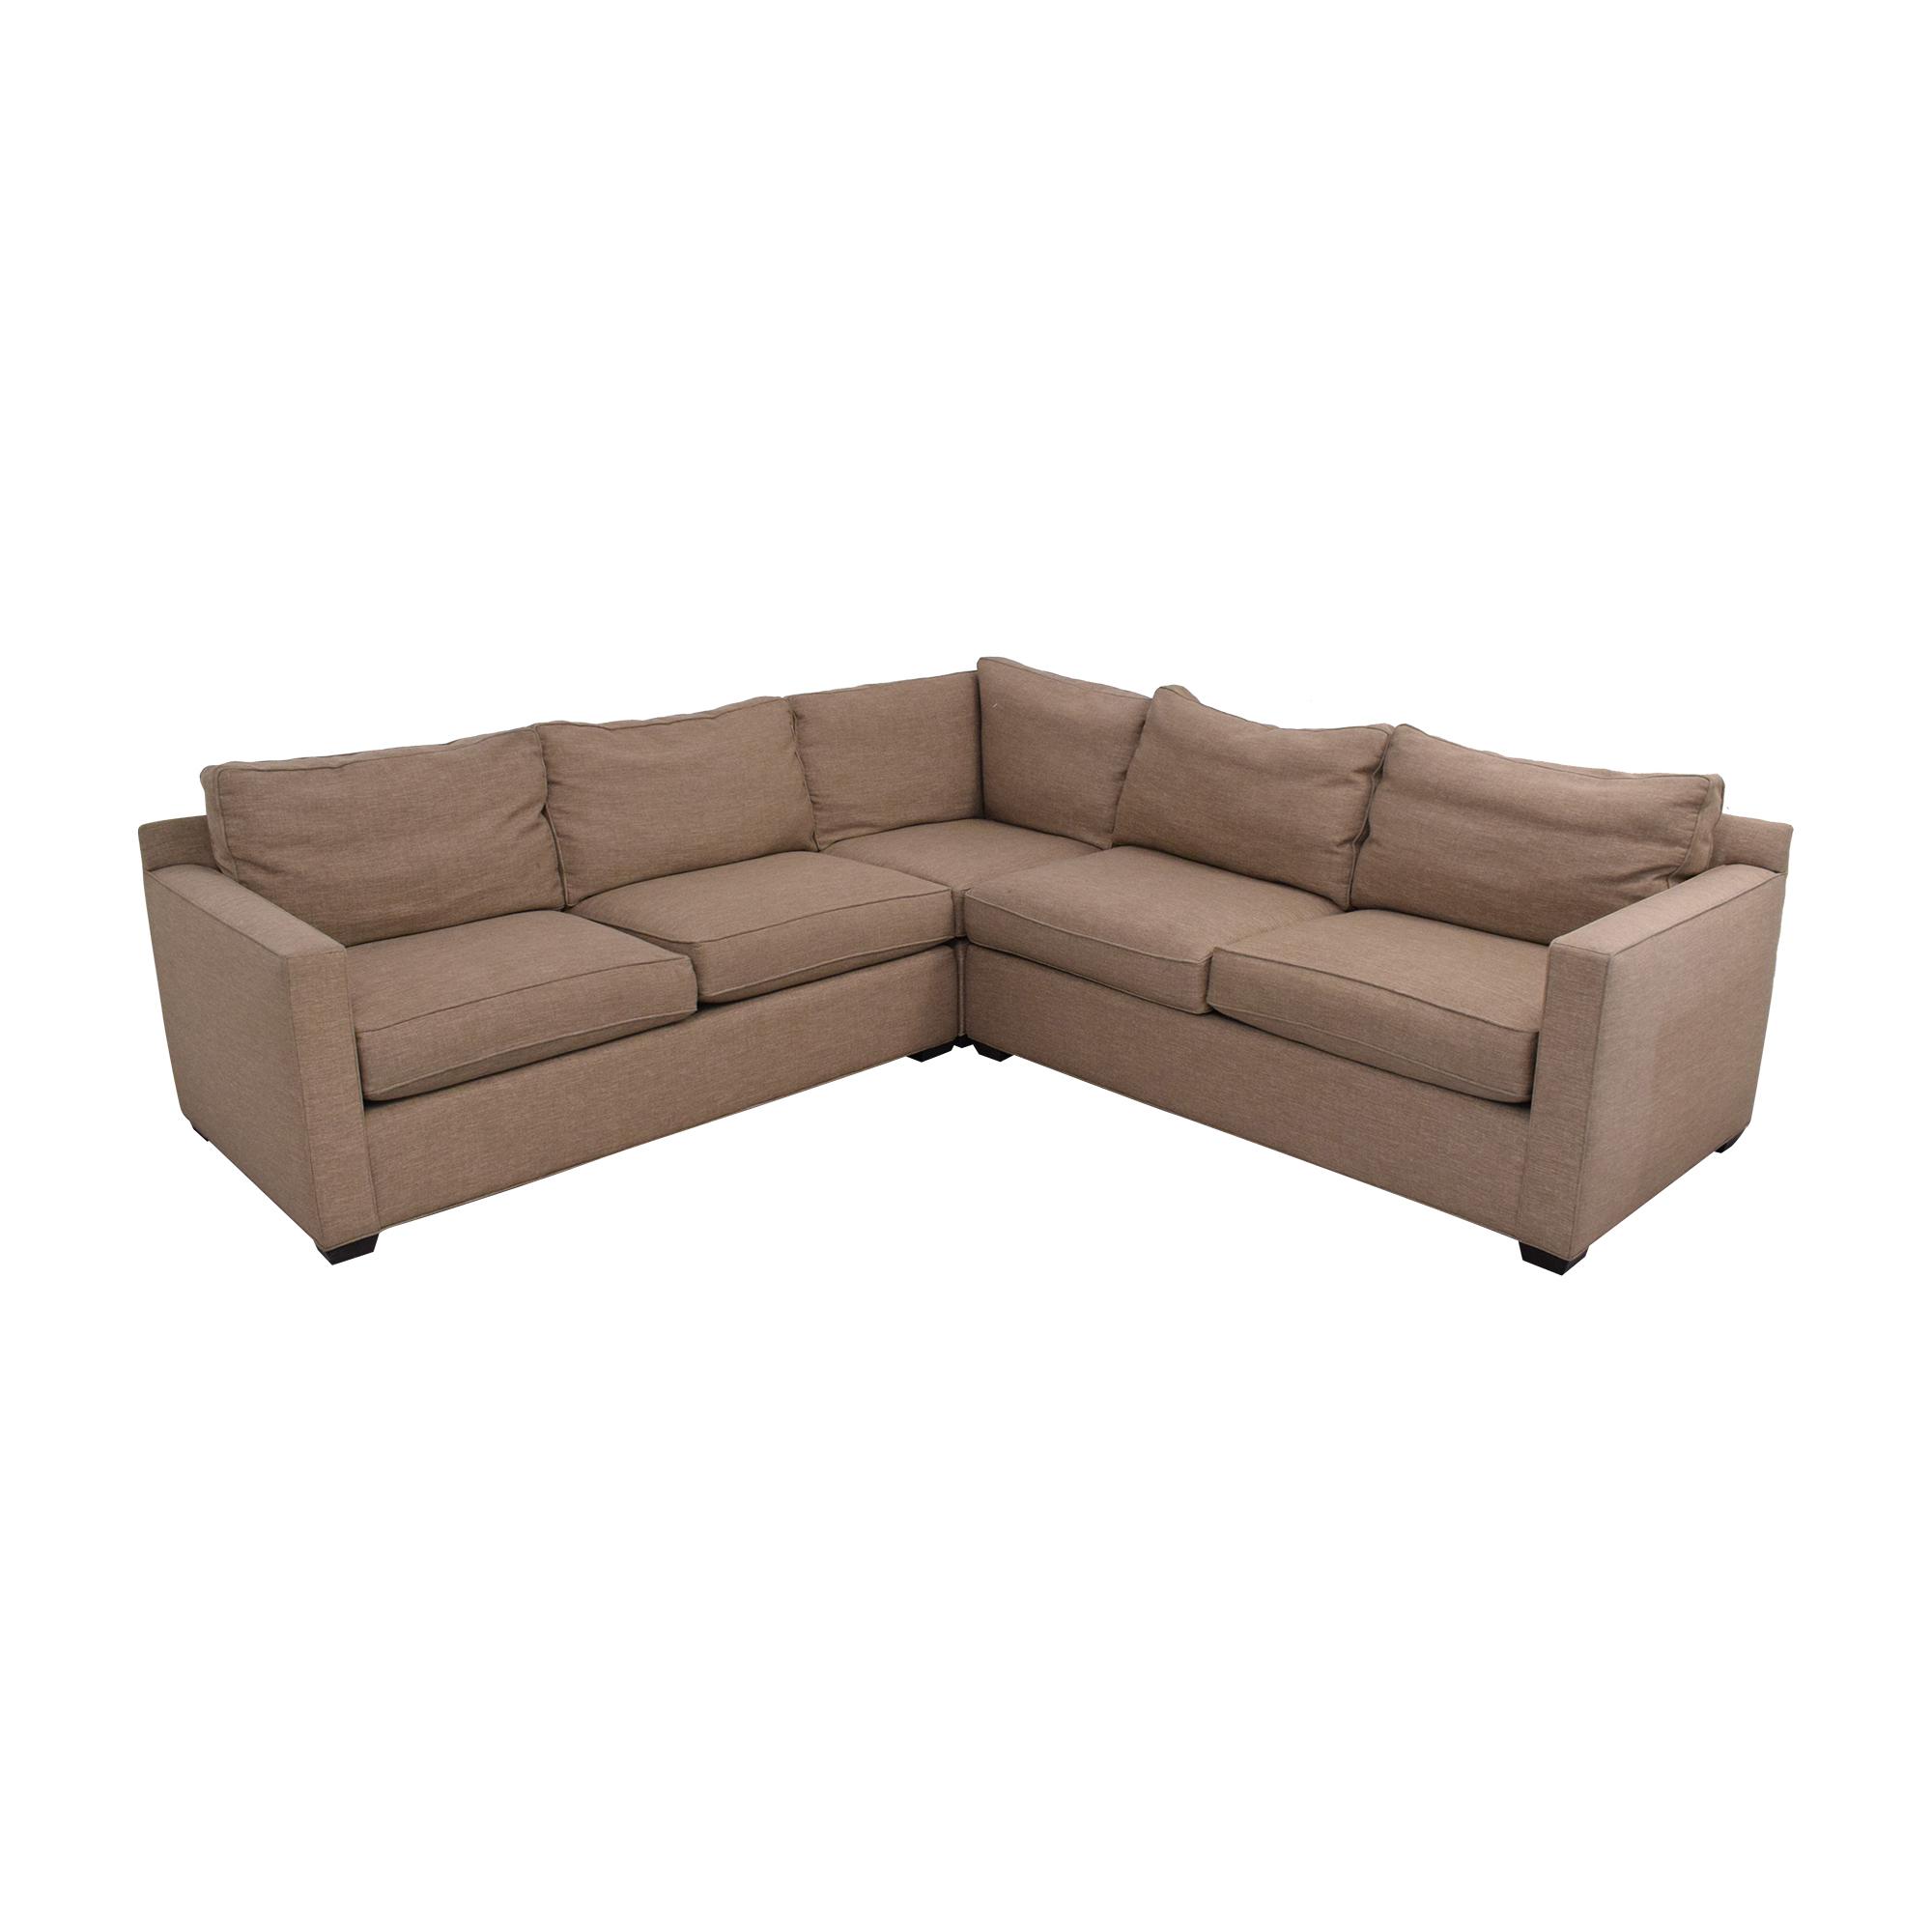 shop Crate & Barrel Davis Sectional Sofa Crate & Barrel Sectionals